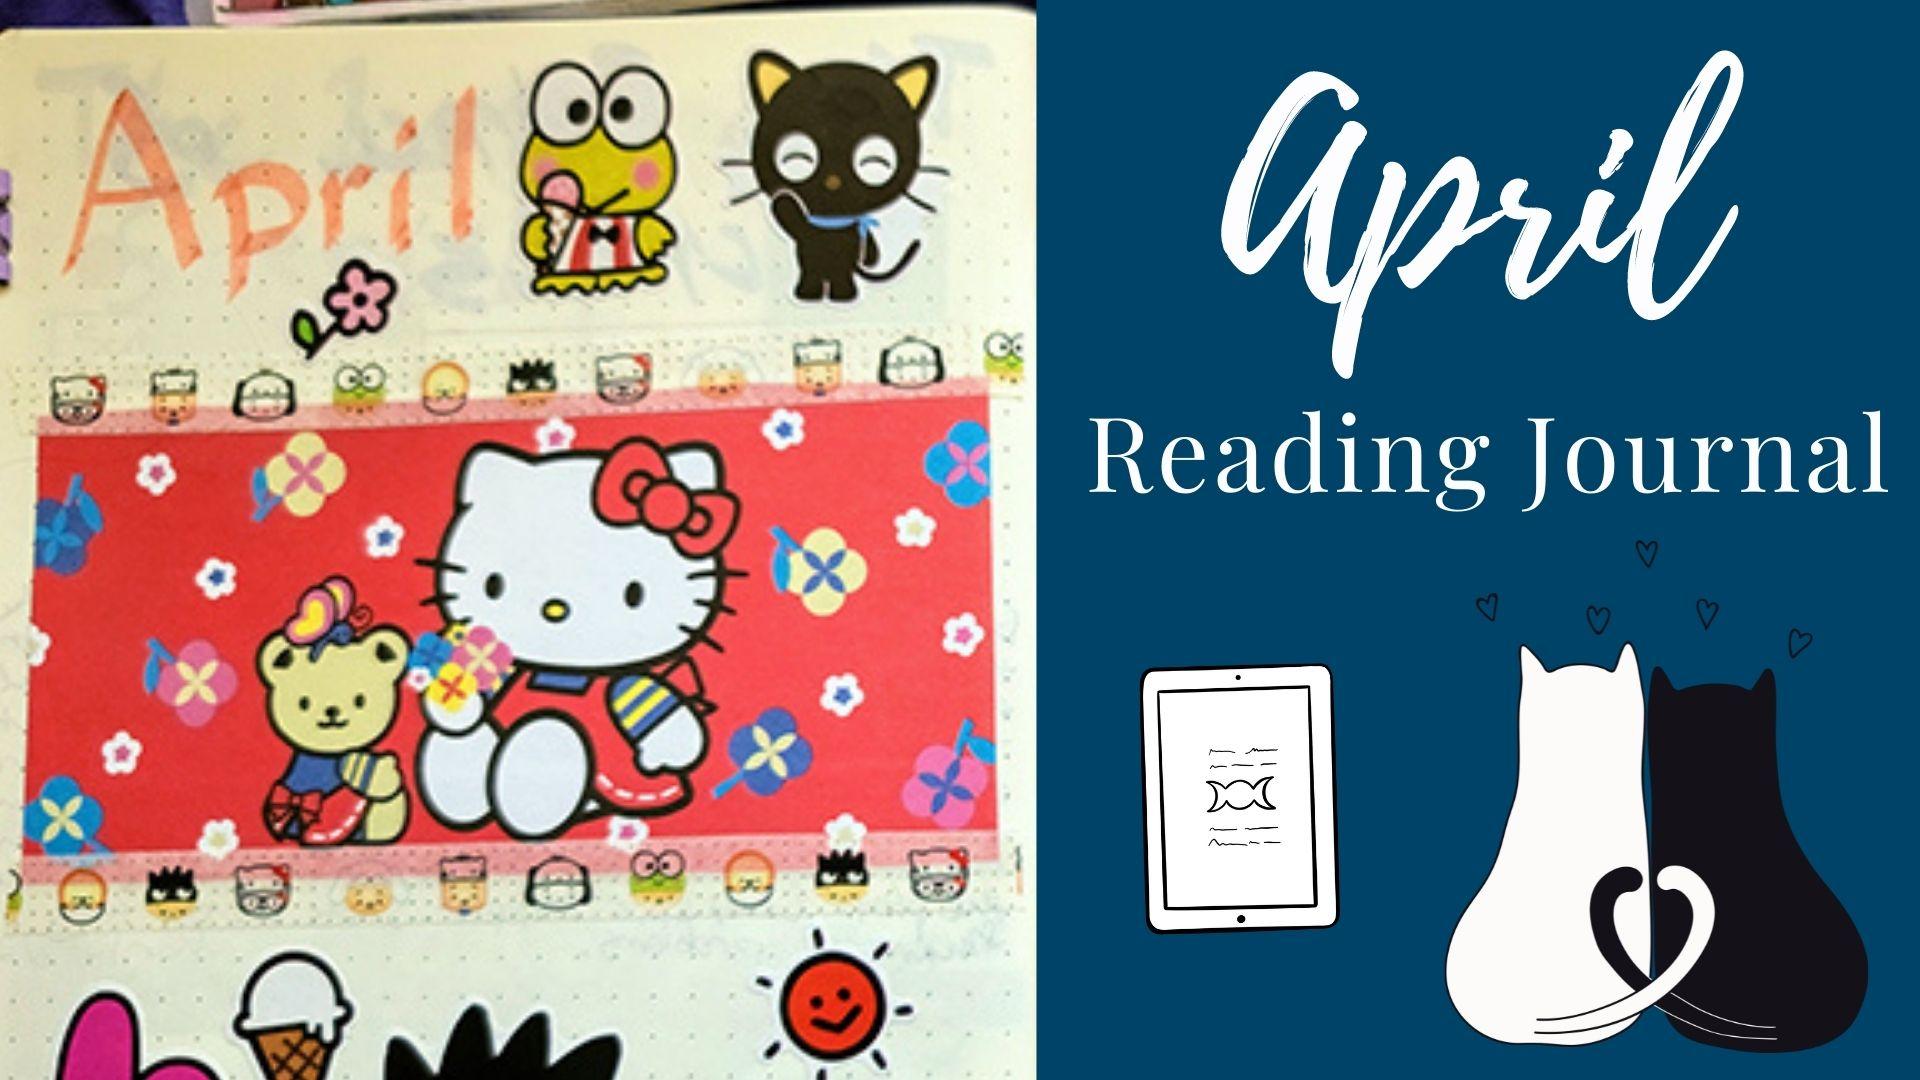 April Reading Journal: Hello Kitty Theme